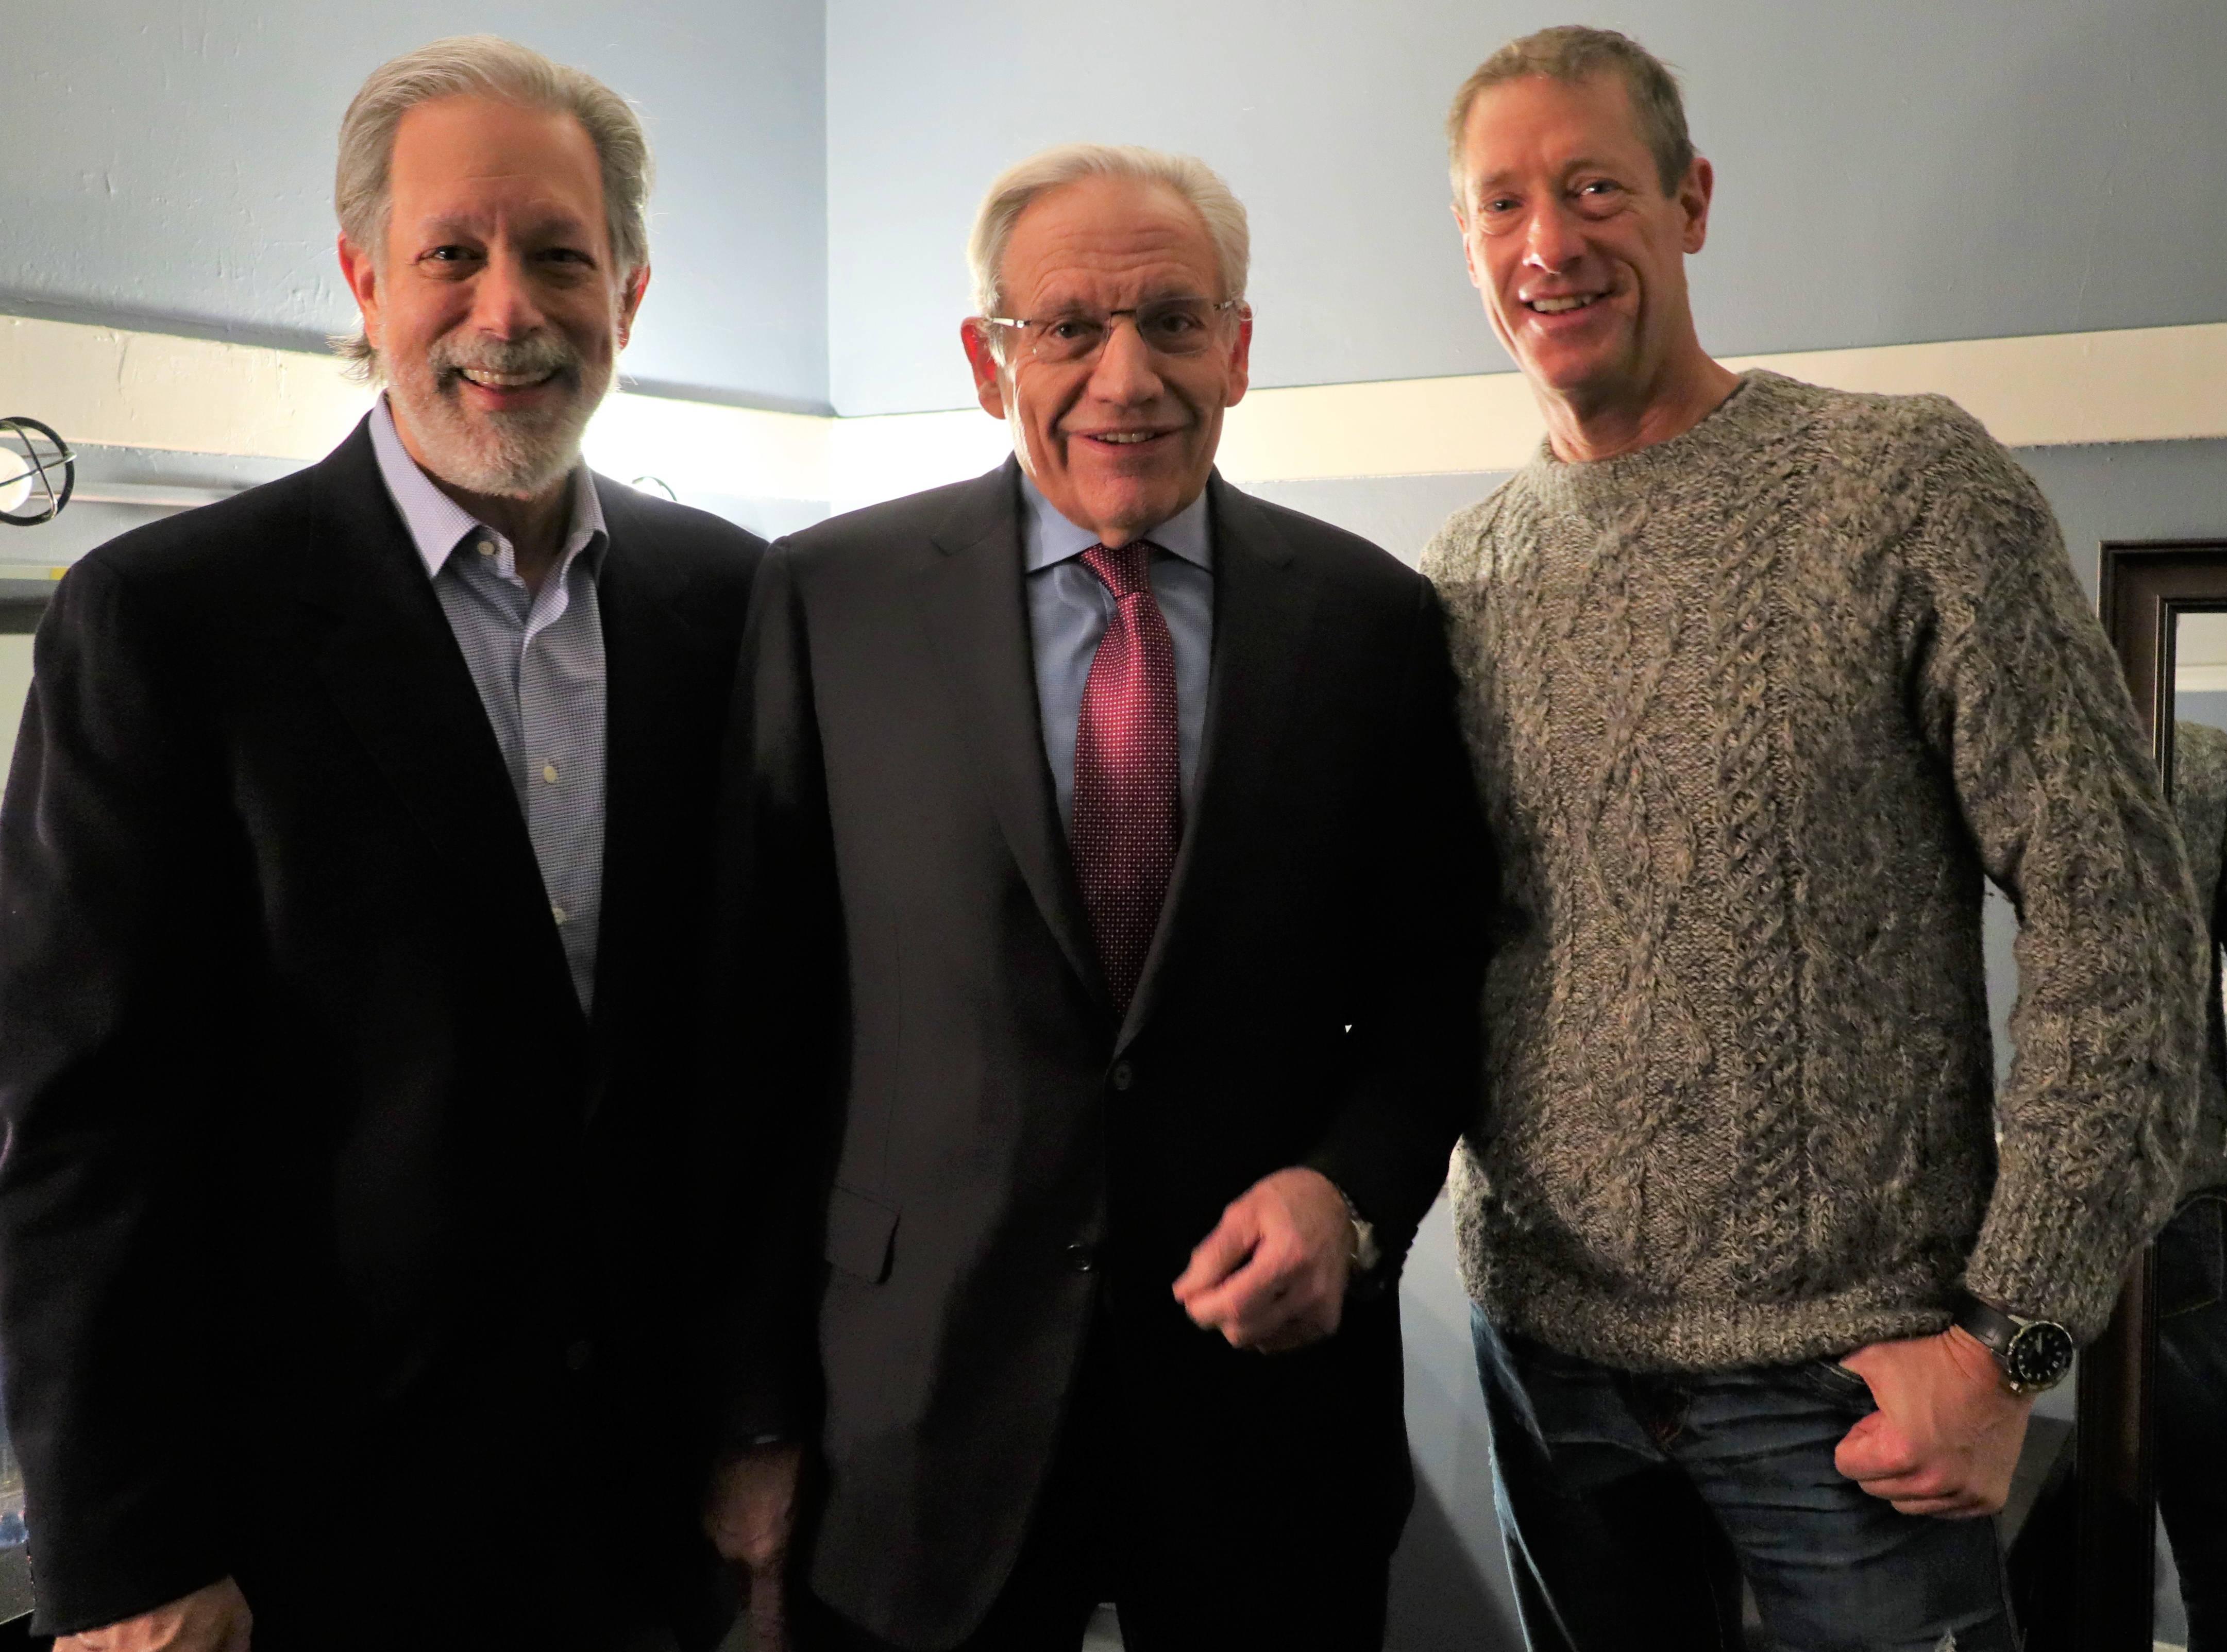 DMS Tony and Bob Woodward